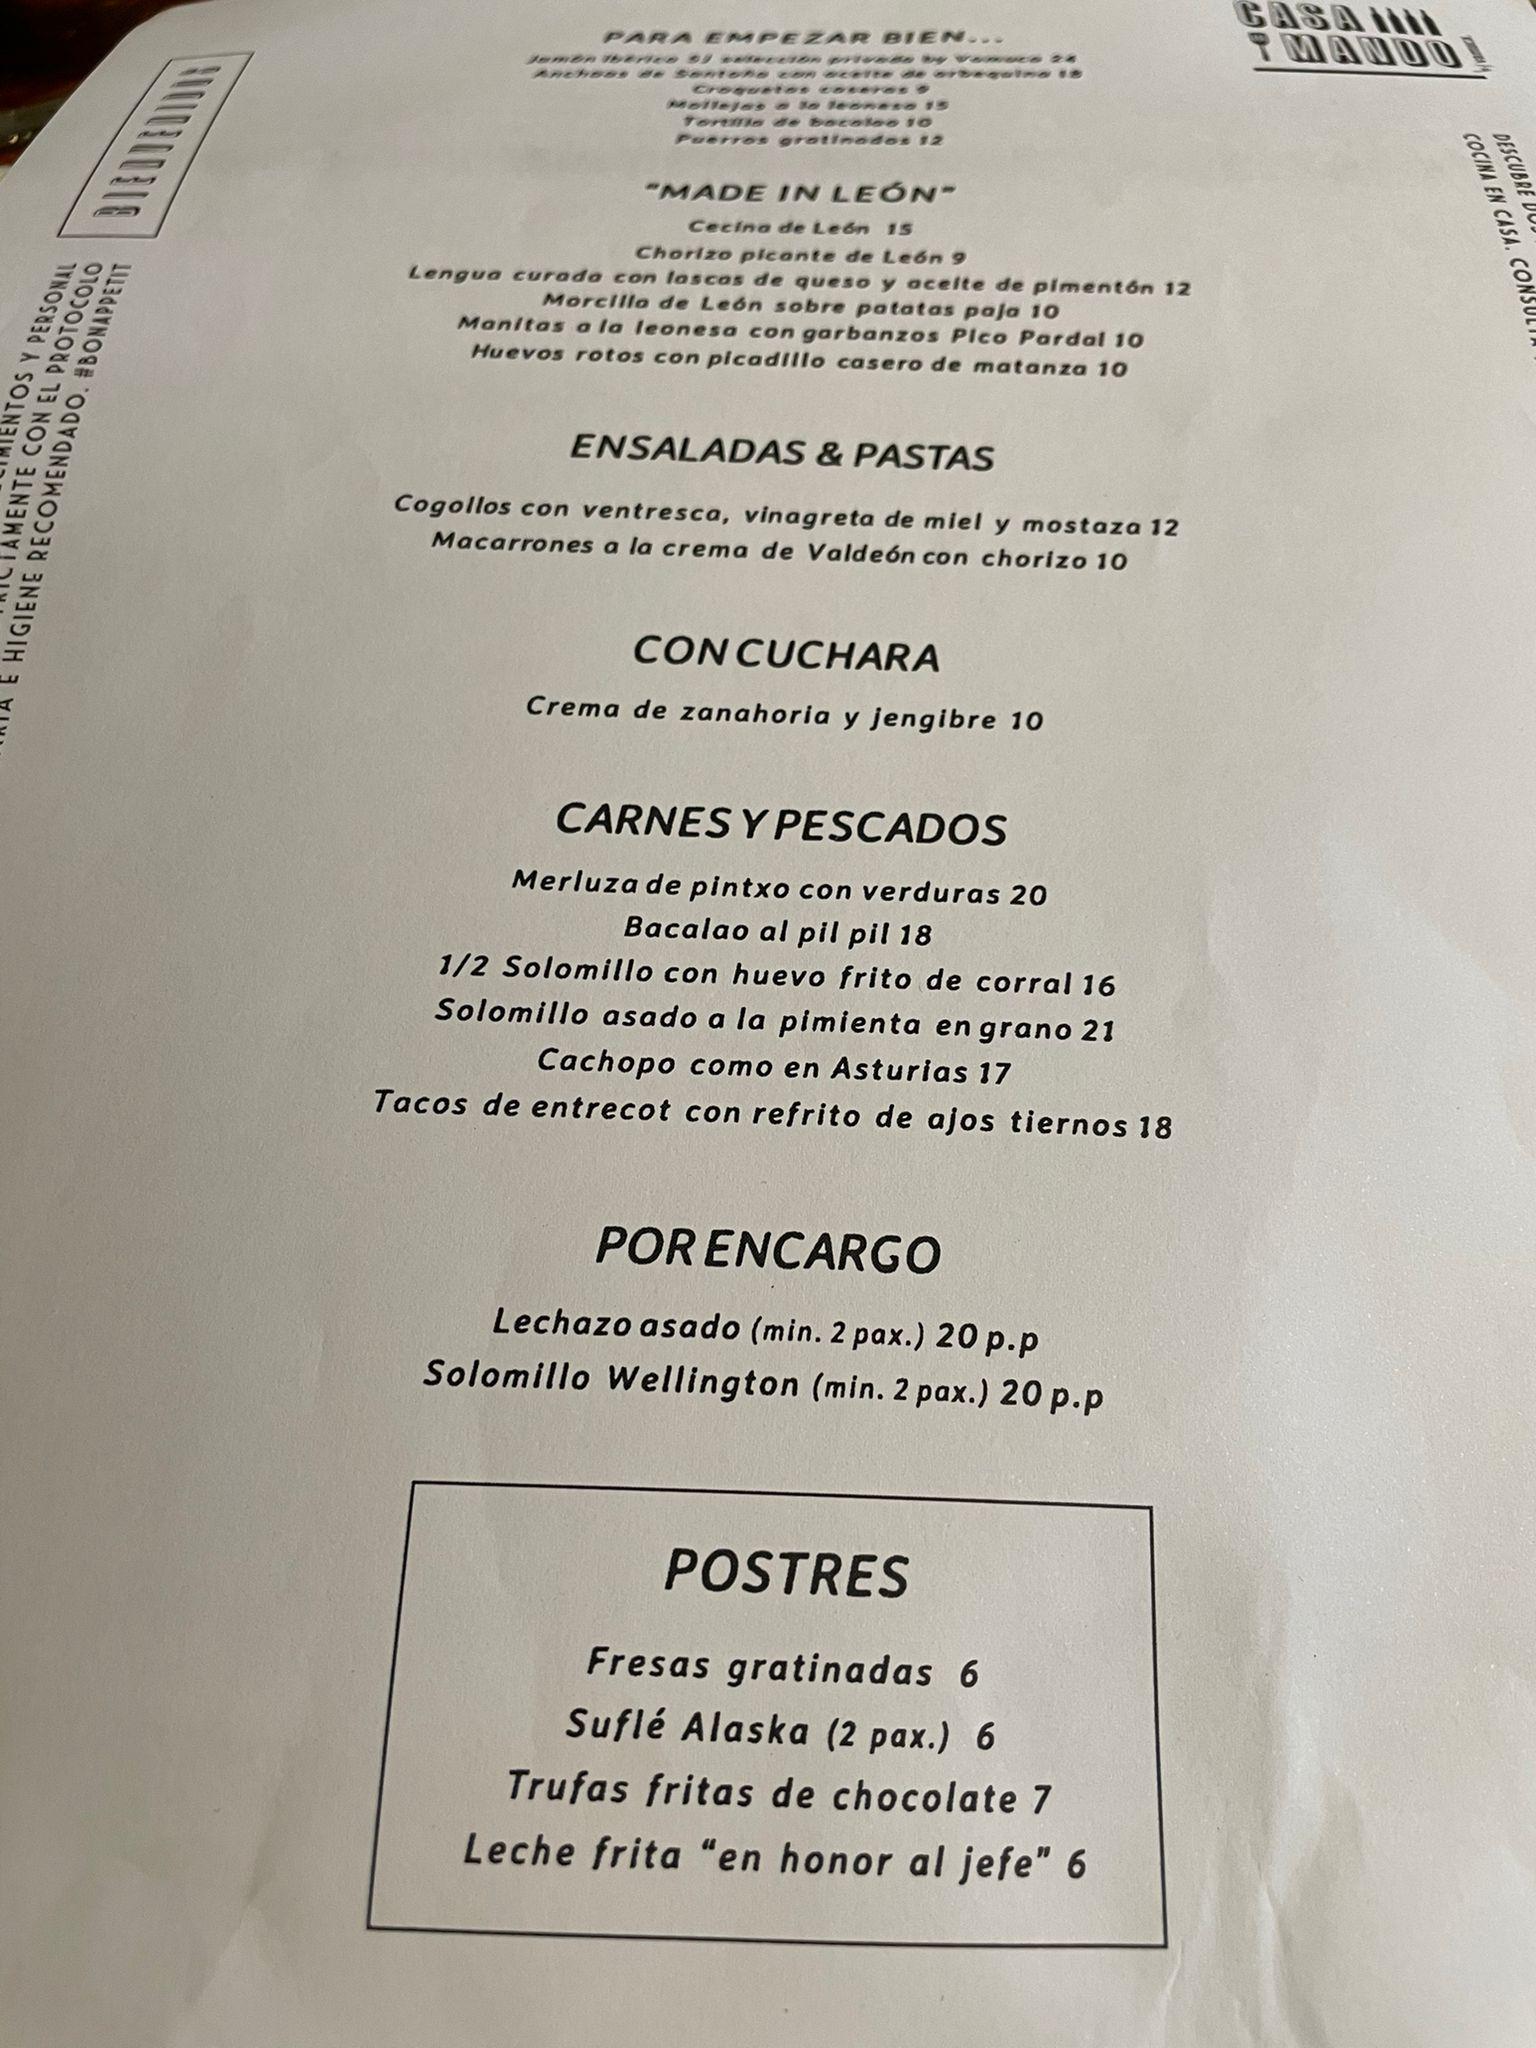 Reseñas gastronómicas: Restaurante Casa Mando de León 5